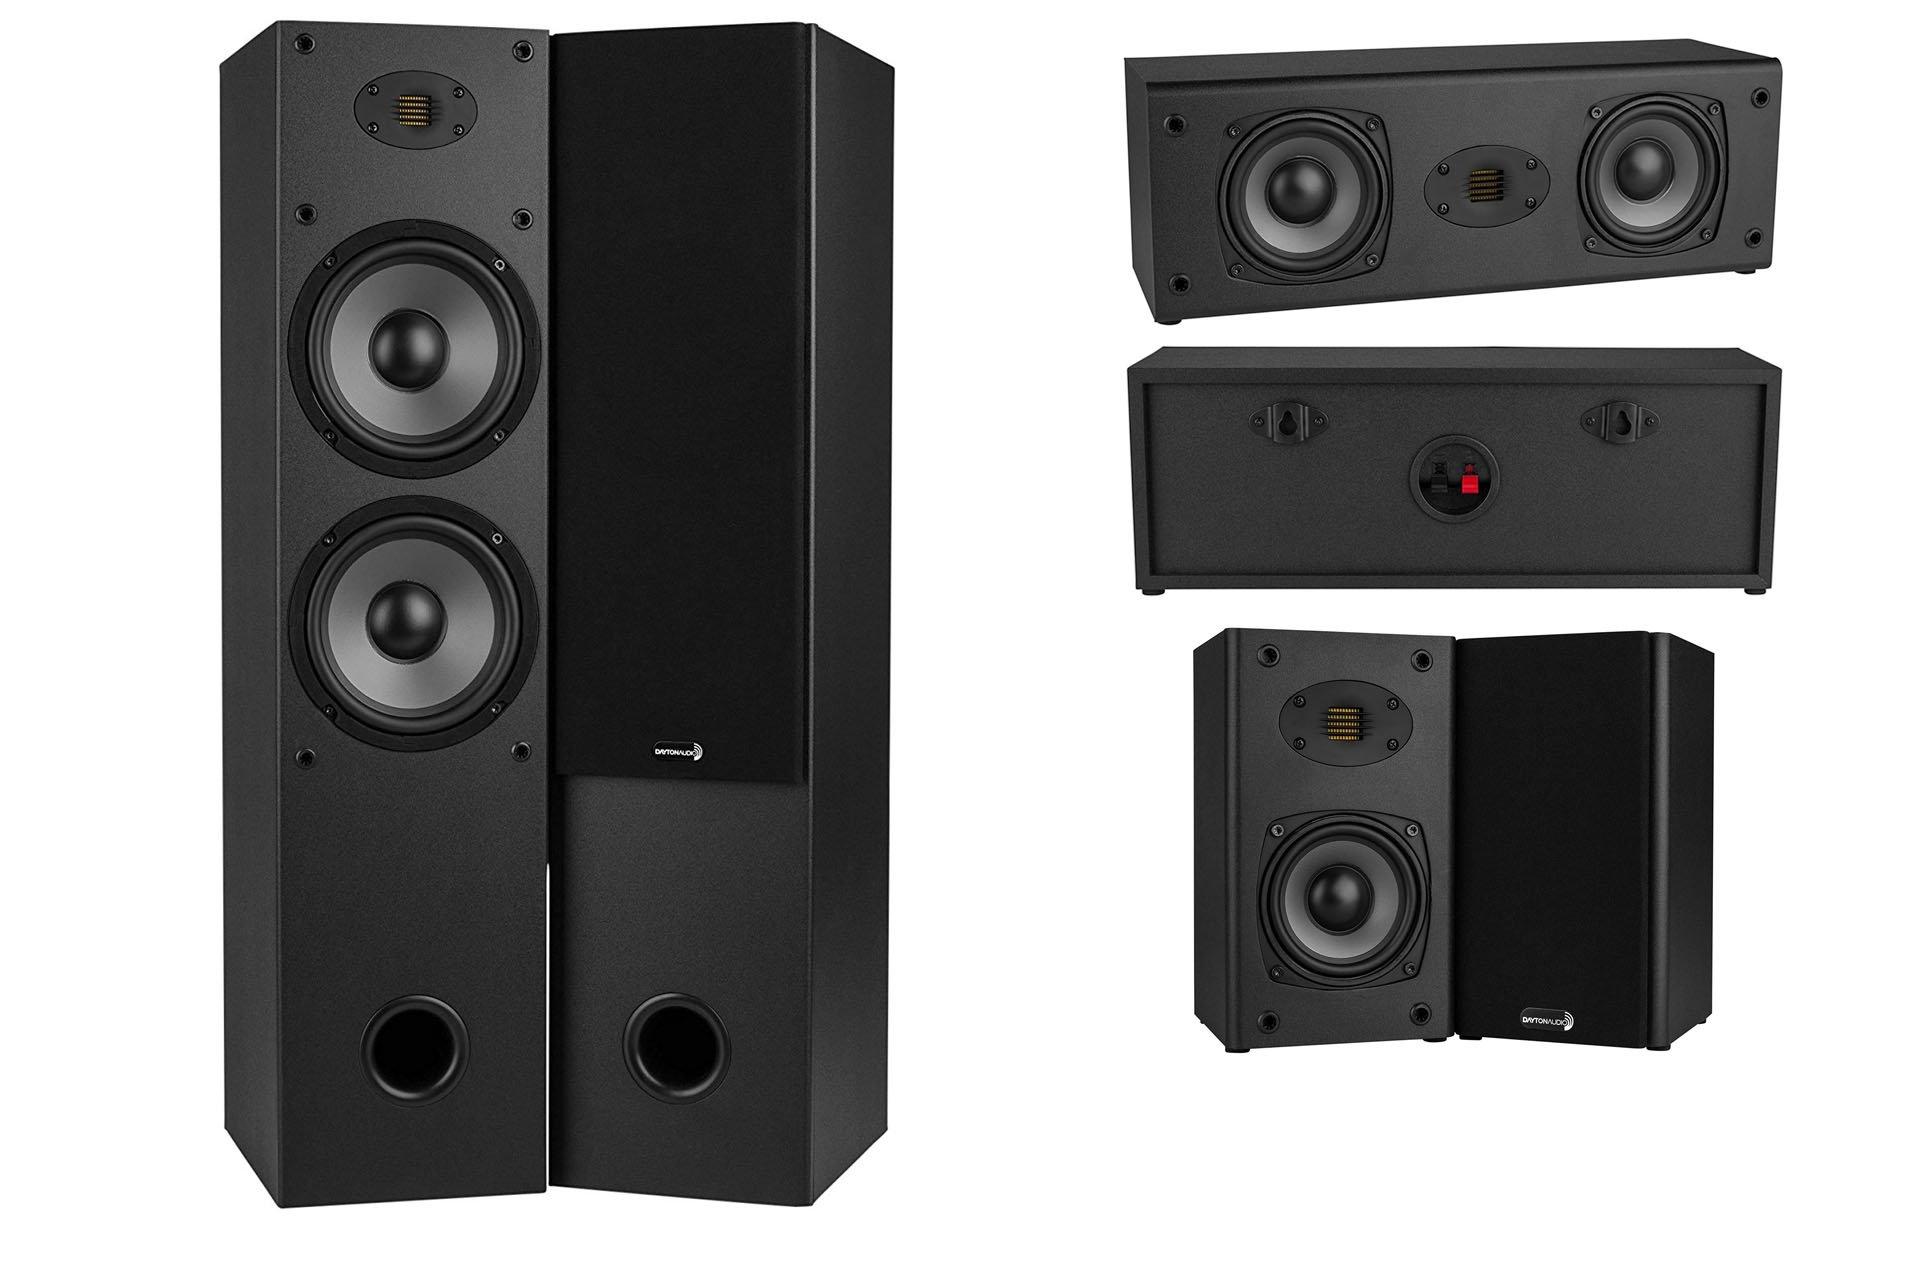 Dayton Audio Announces B452-AIR, T652-AIR and C452-AIR Speakers